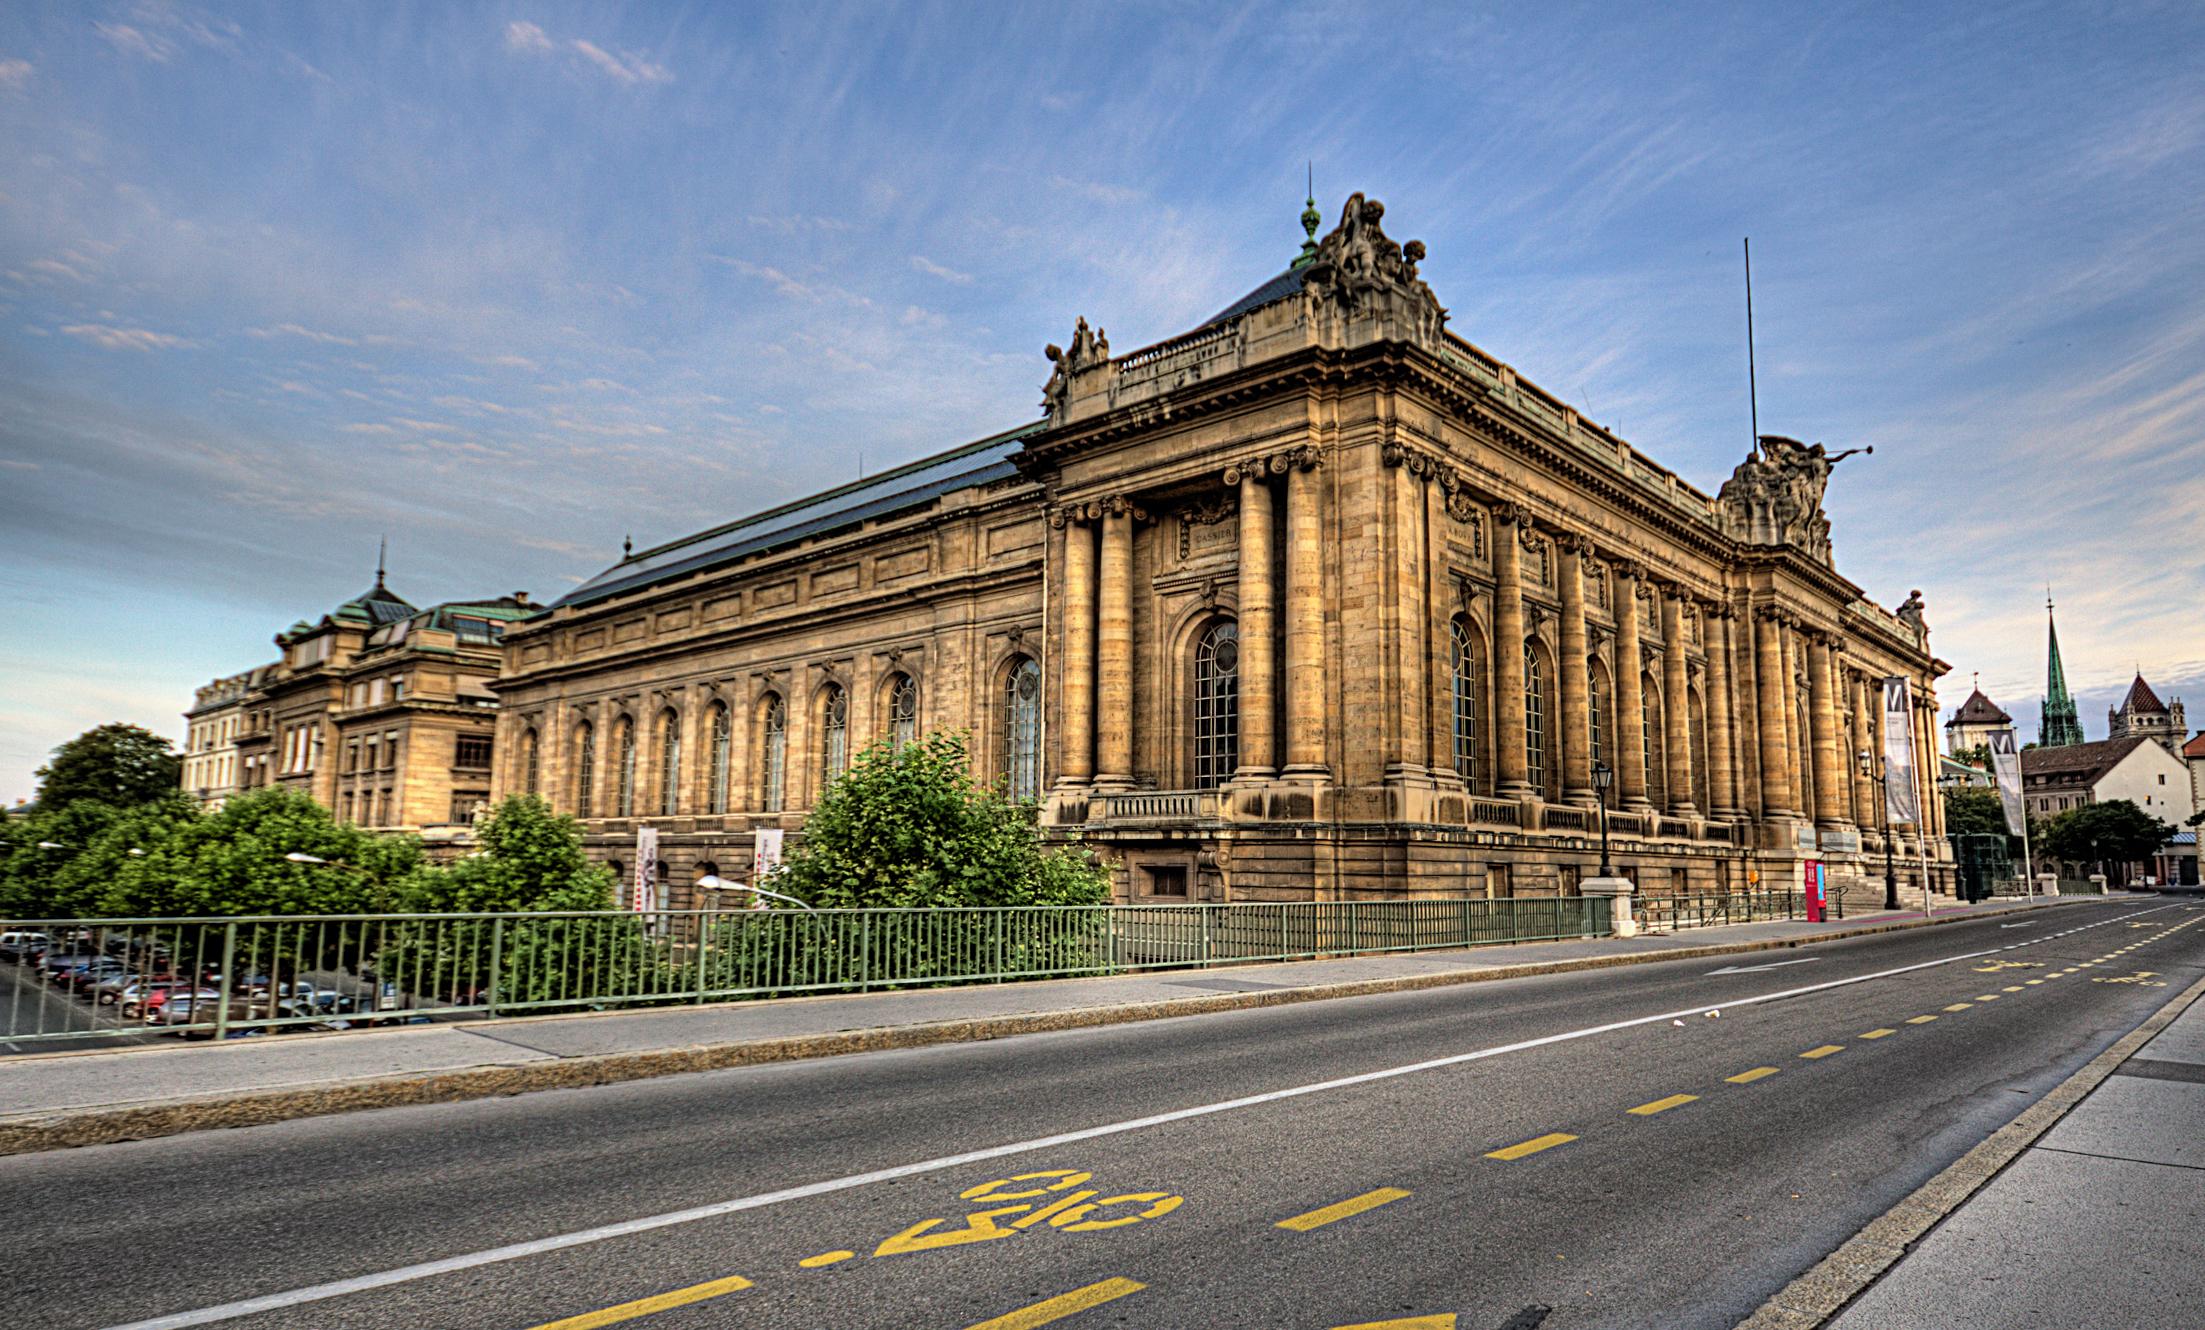 نتيجة بحث الصور عن متحف الفن والتاريخ في جنيف